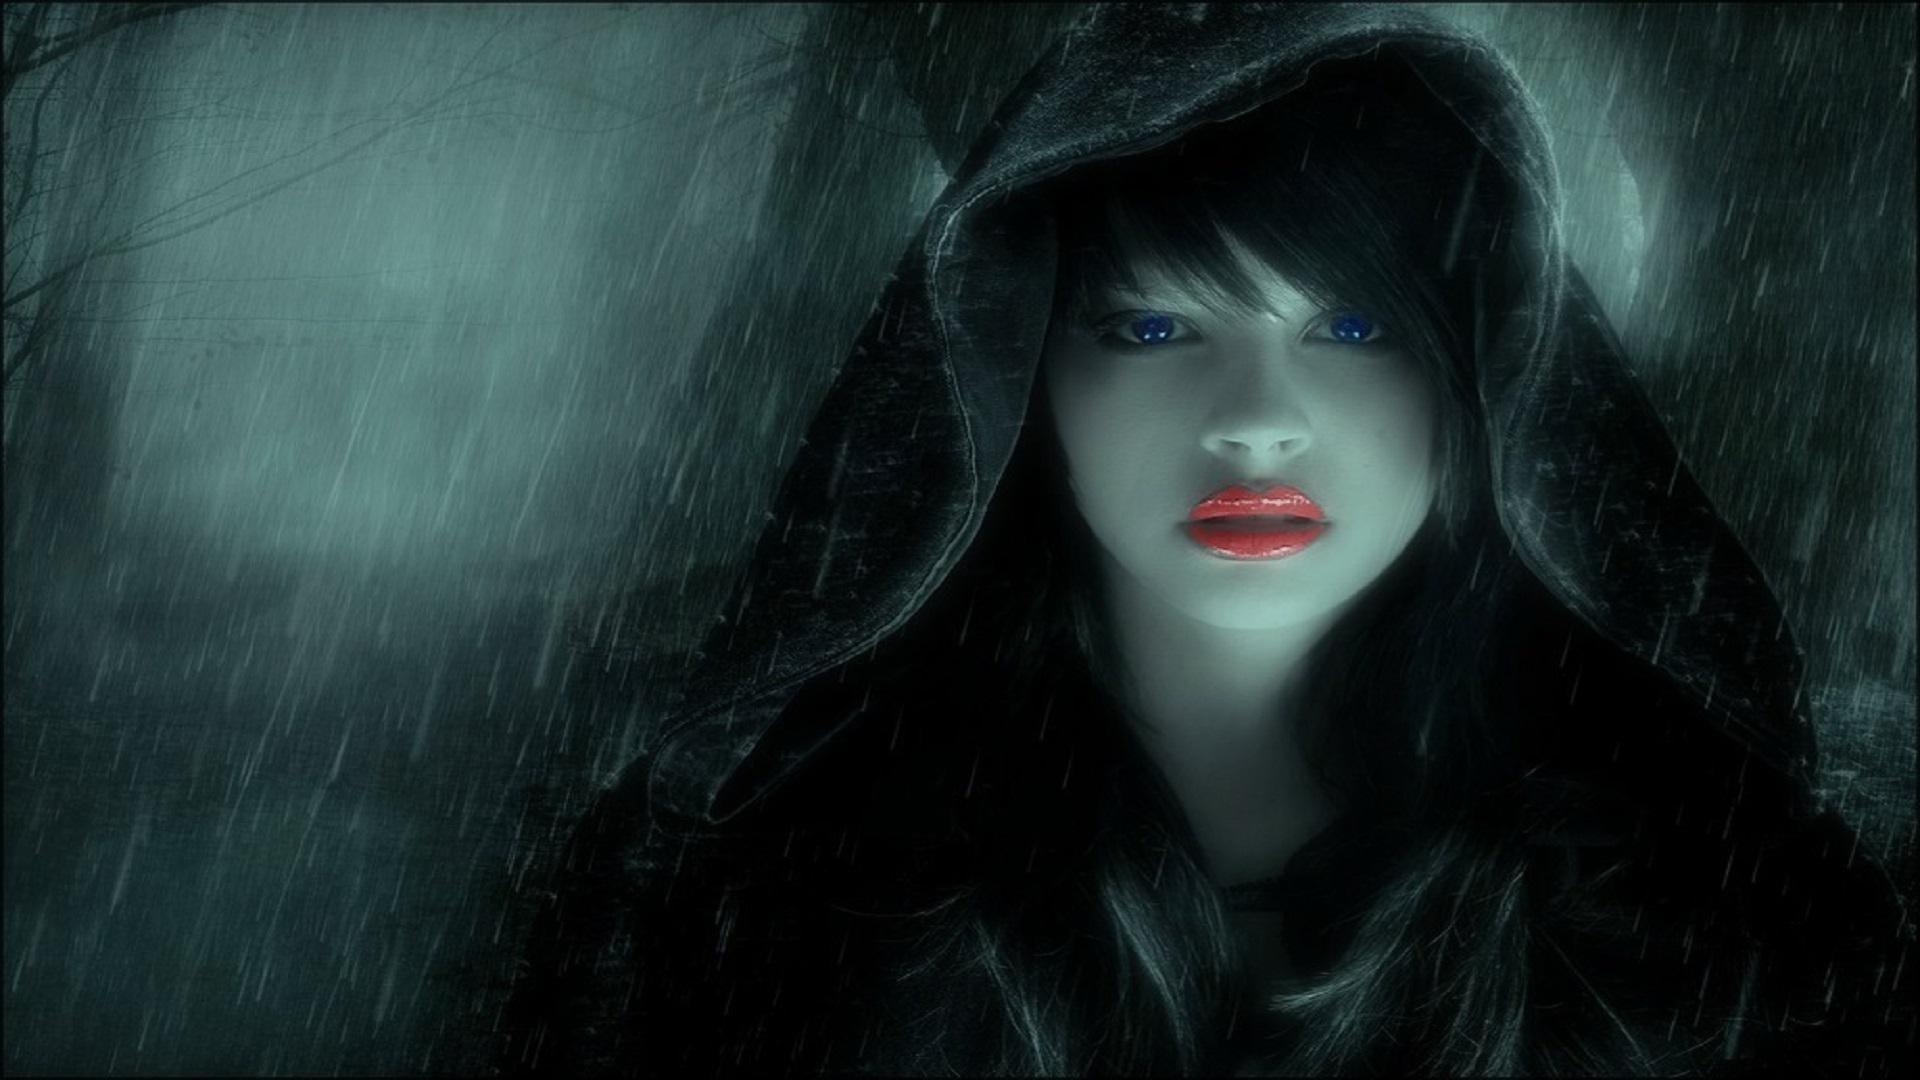 girl on dark wallpaper - photo #10